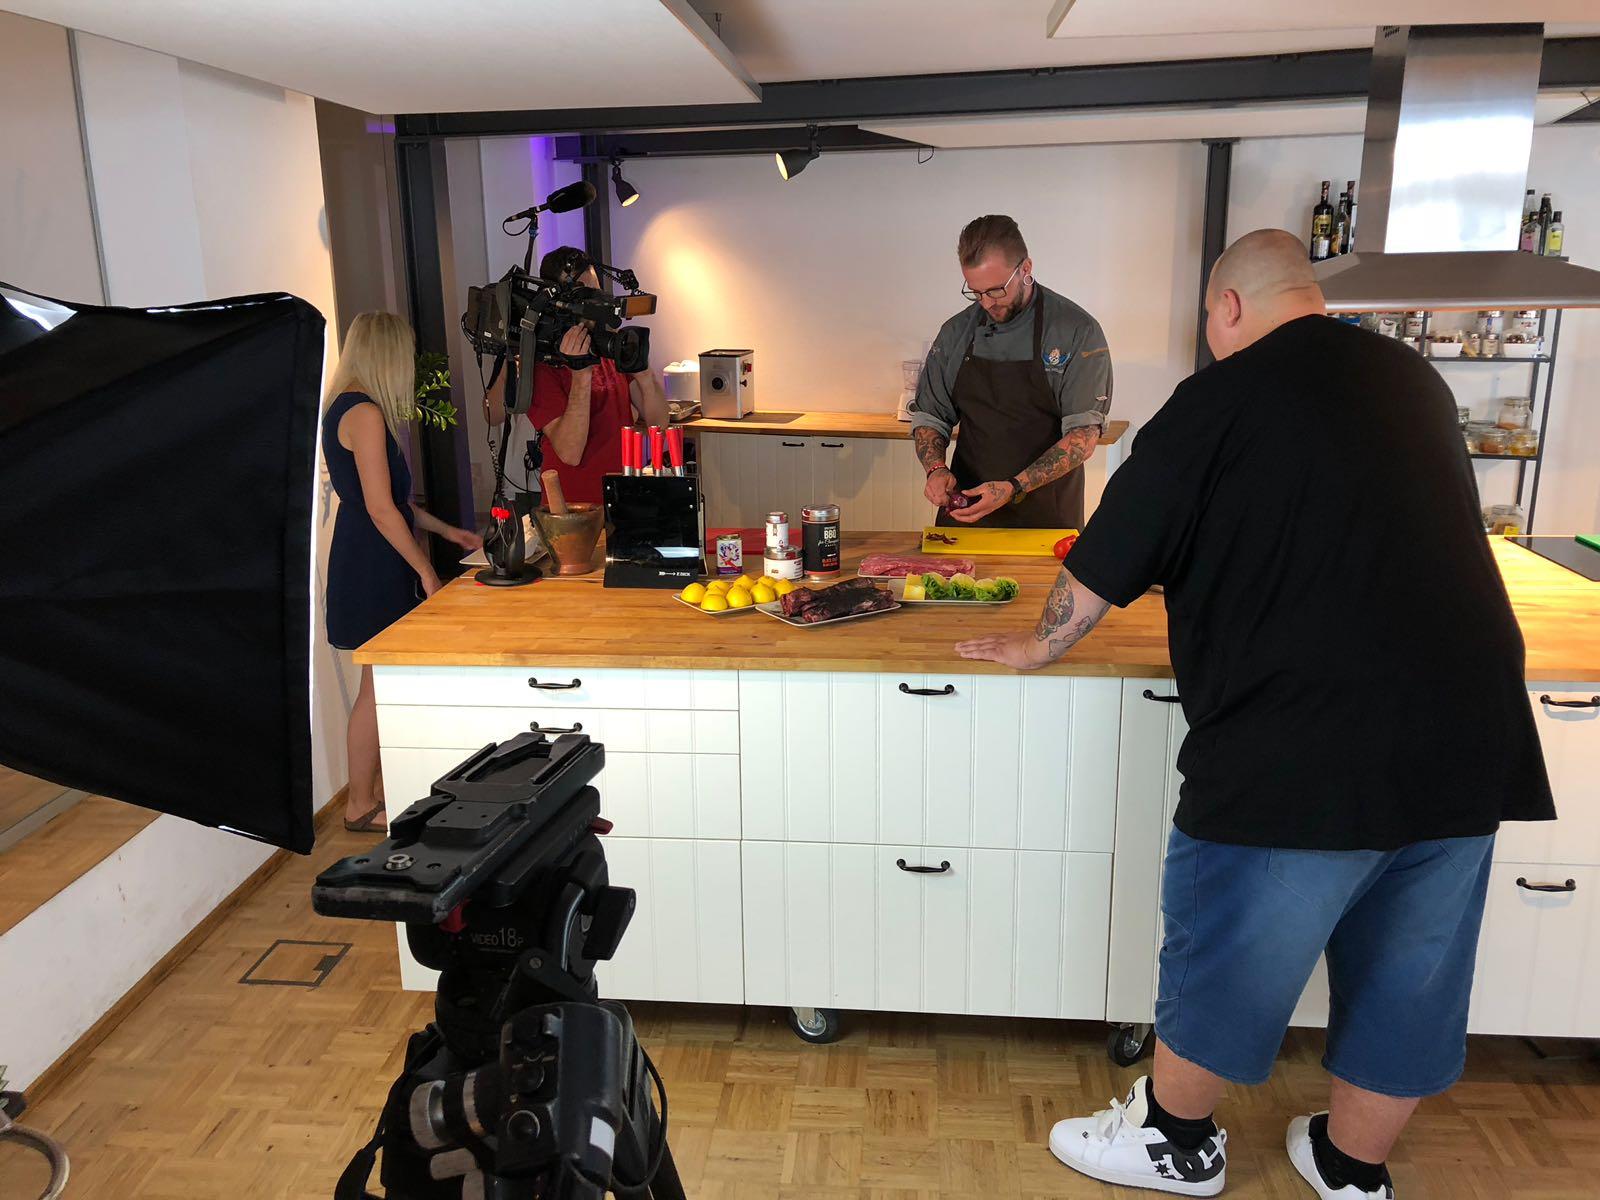 RTL Hessen zu Besuch in der Kochwerkstatt